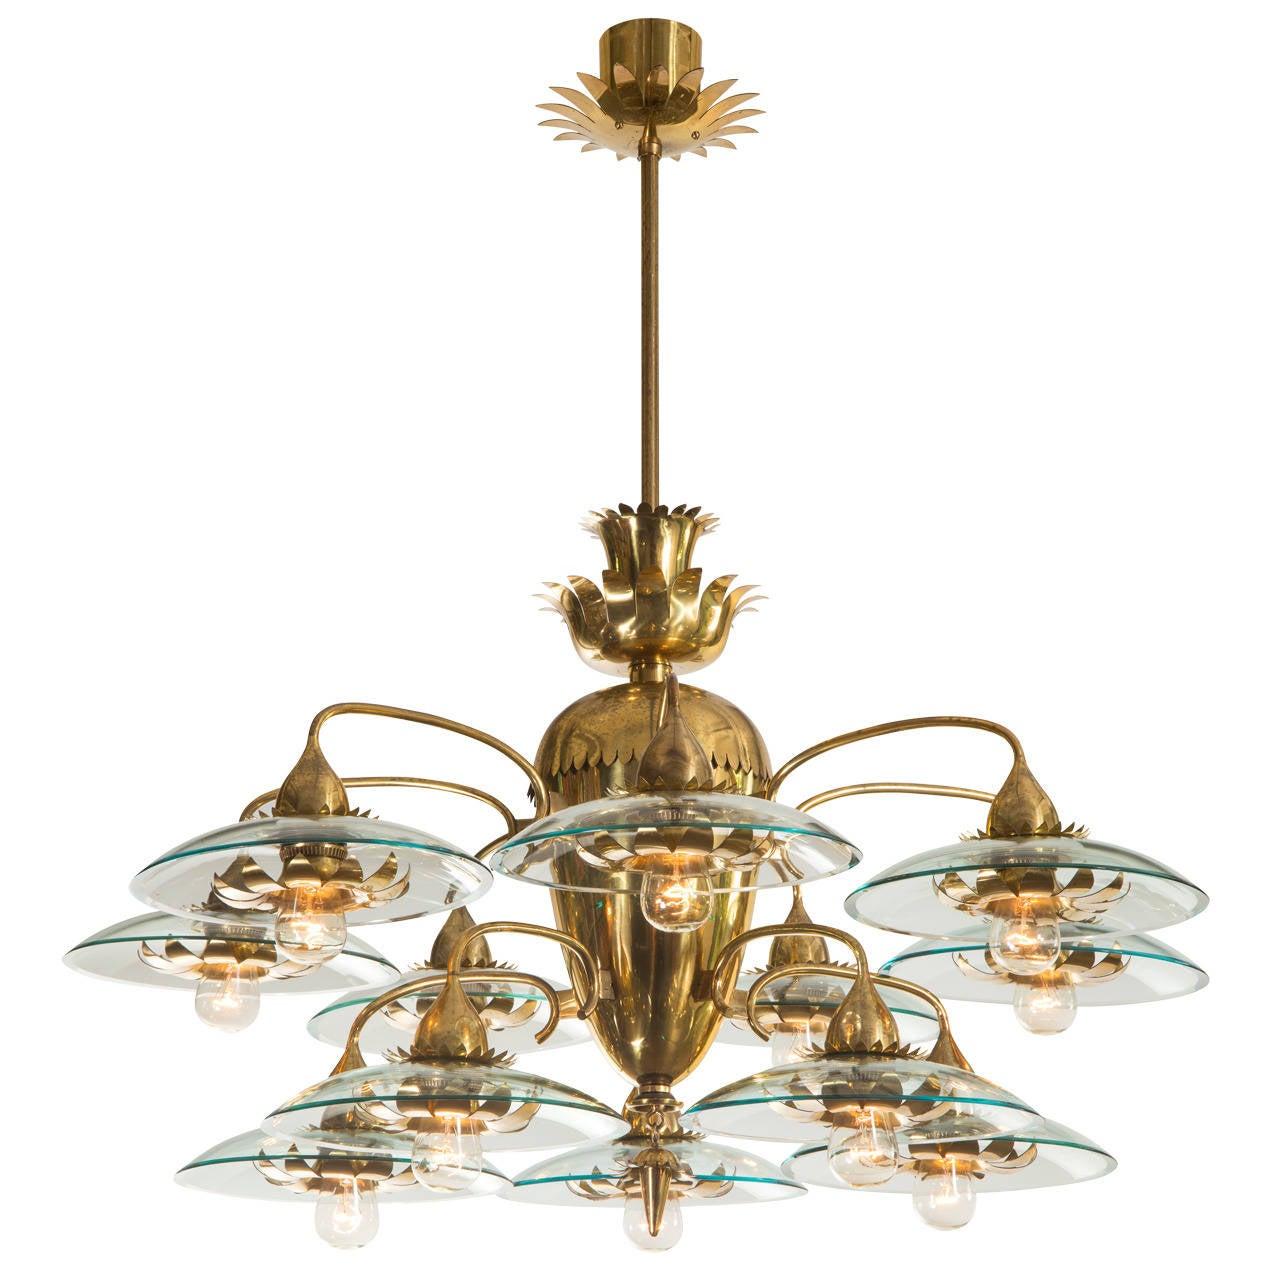 pietro chiesa for fontana arte a rare italian brass and. Black Bedroom Furniture Sets. Home Design Ideas